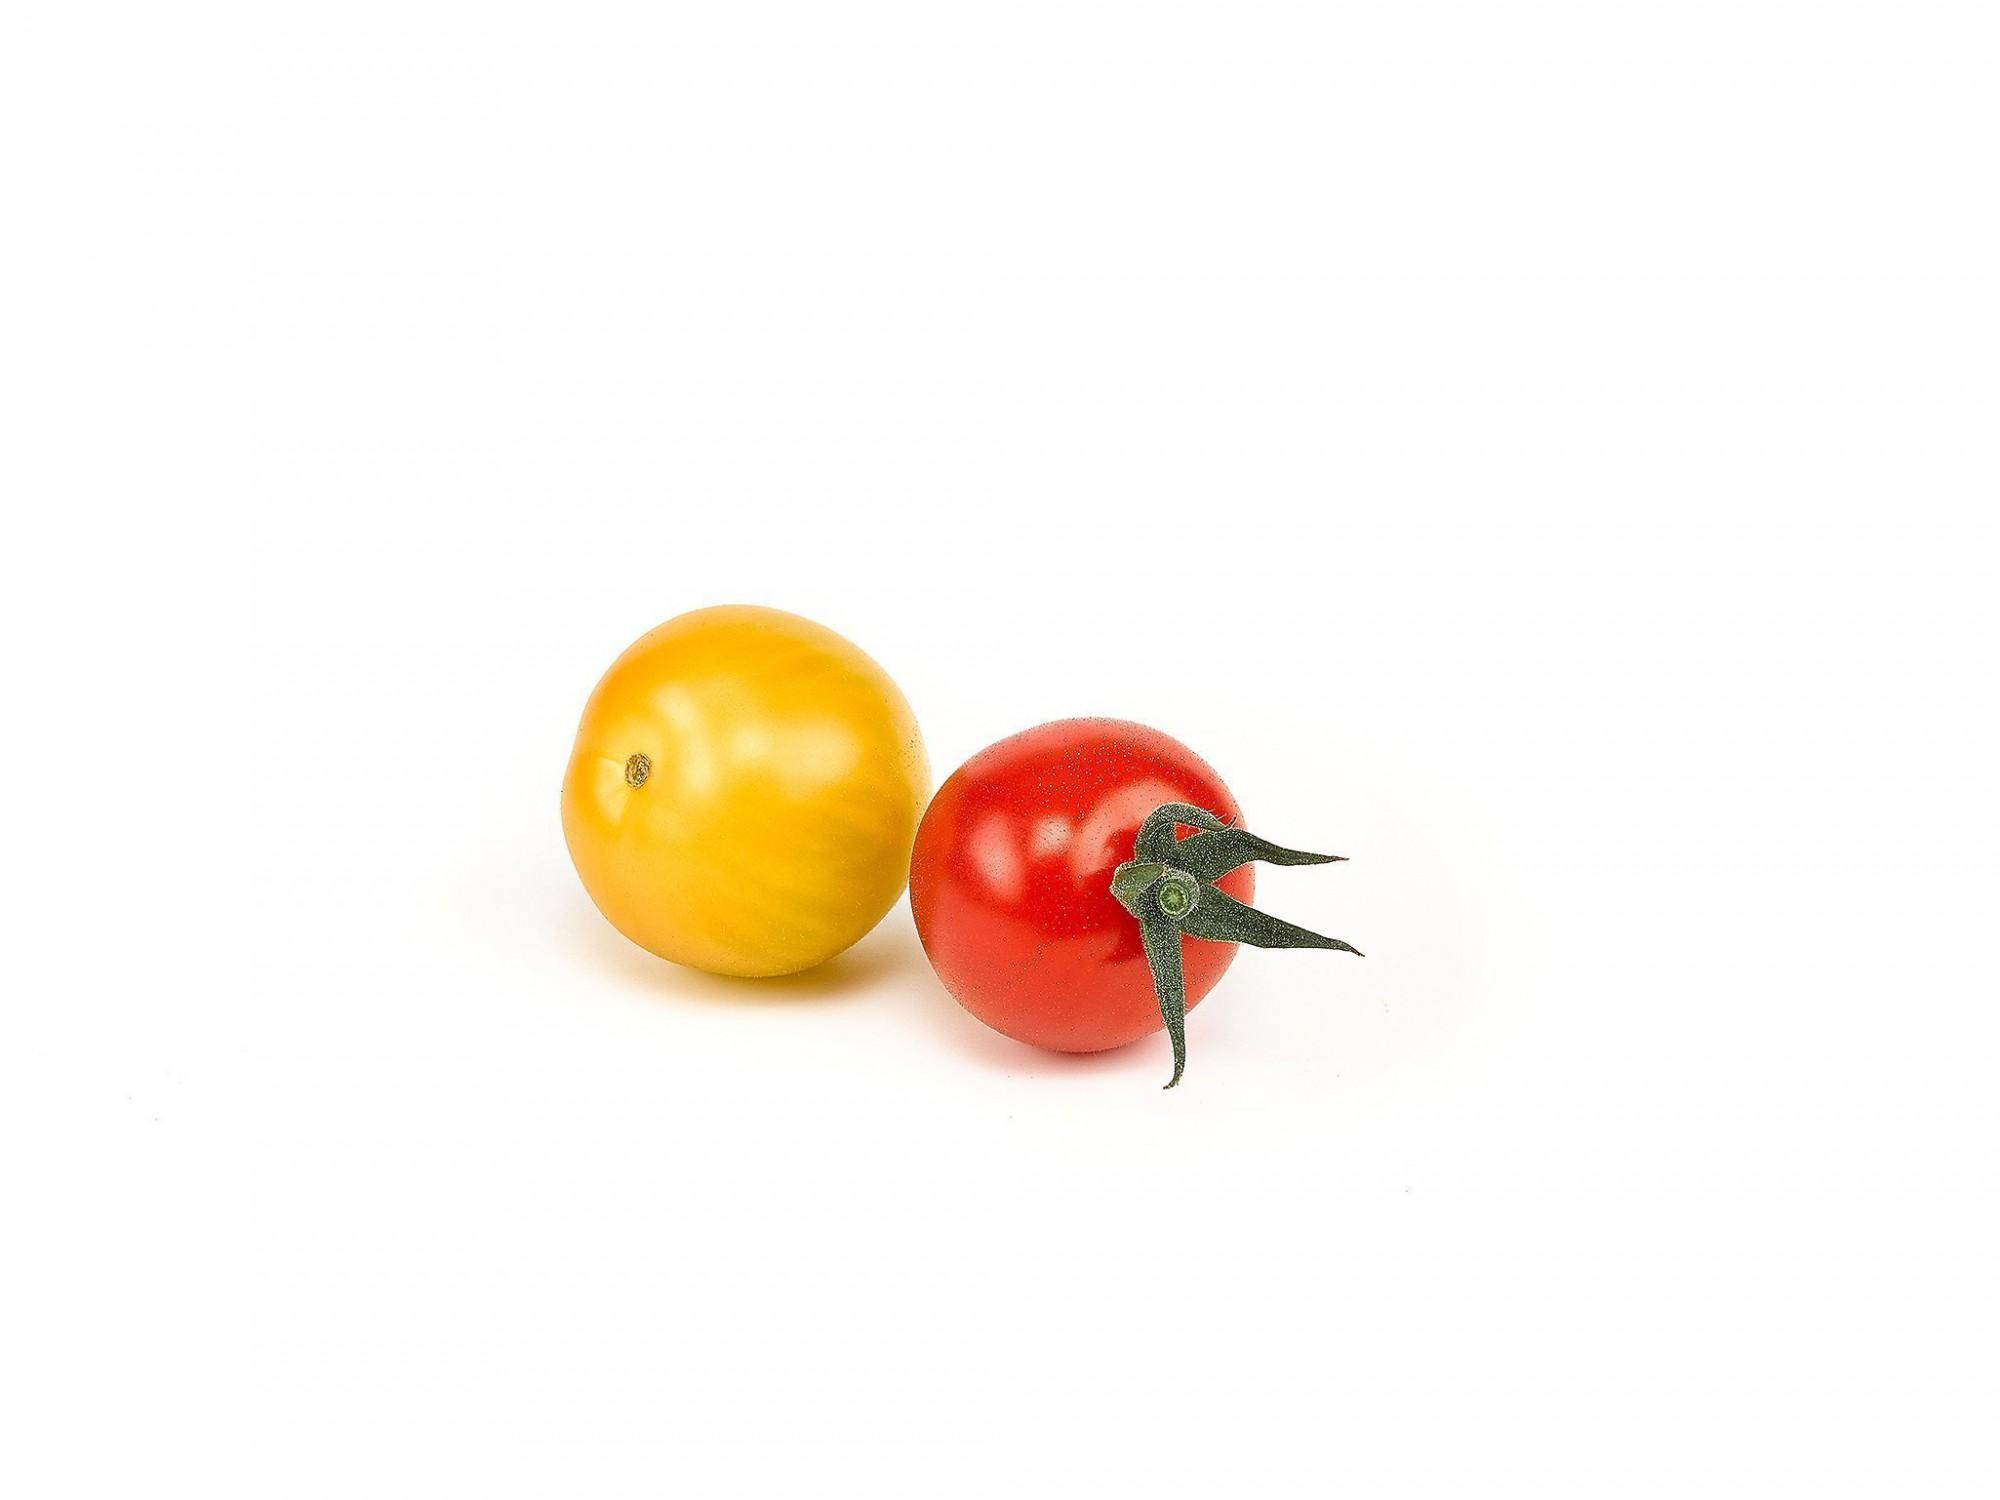 Afbeelding: Studio fotografie, tomaten voor Stoffels tomaten.